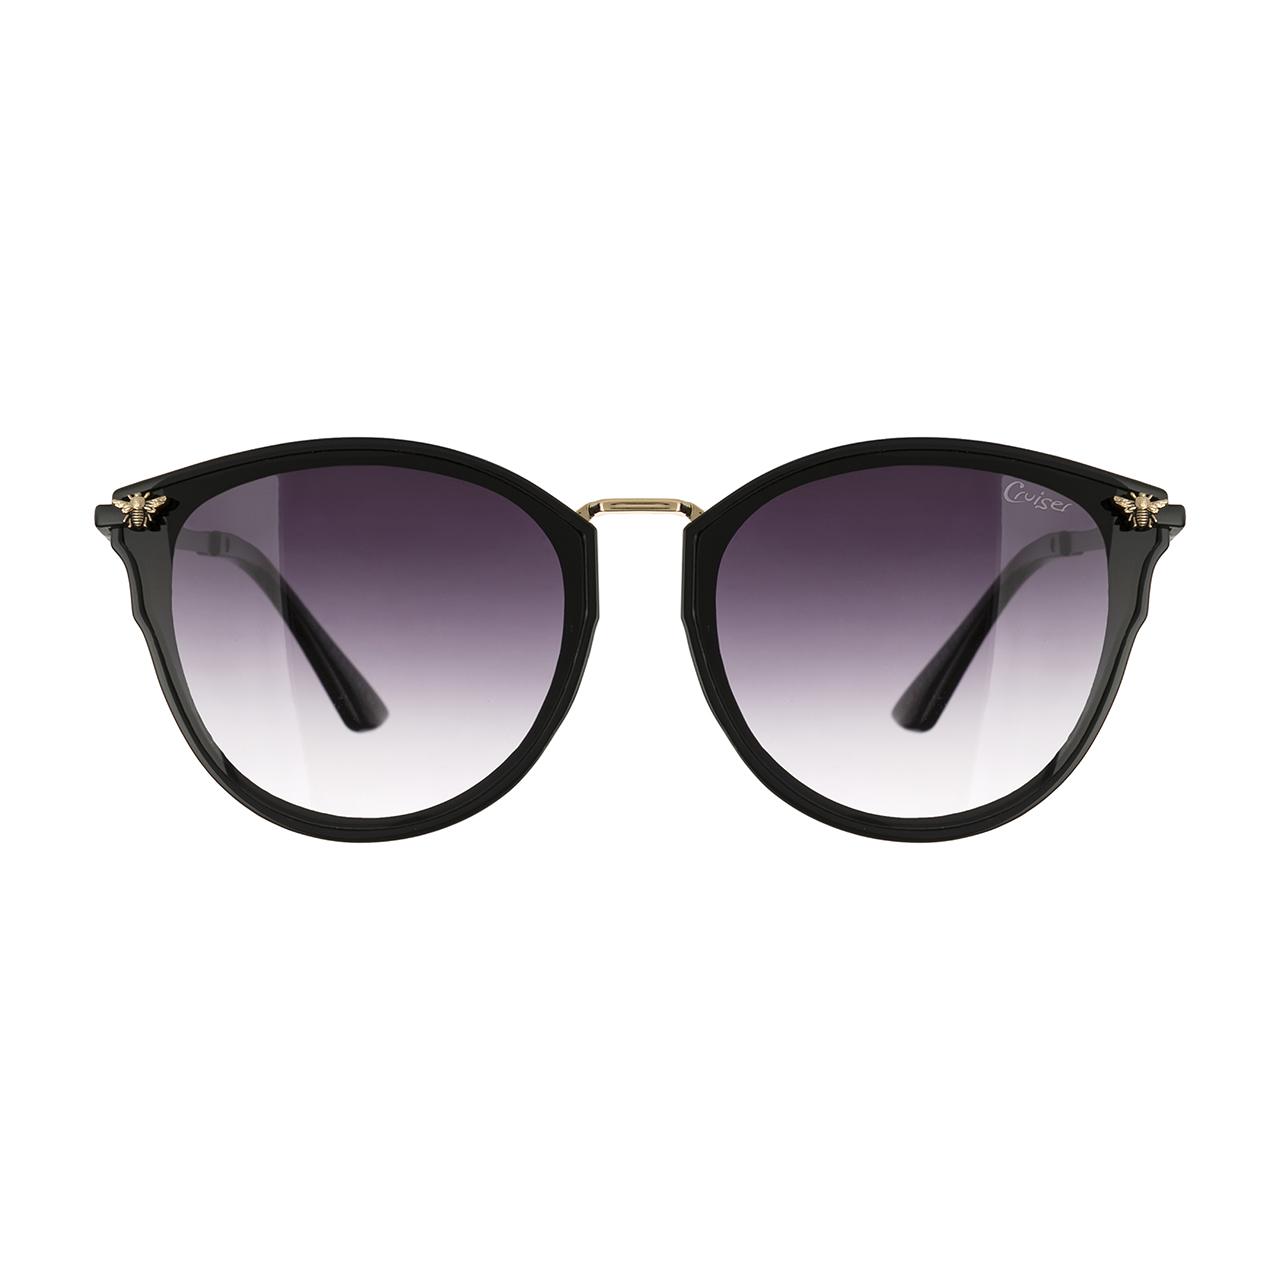 قیمت عینک آفتابی زنانه کروز  مدل L80-05115